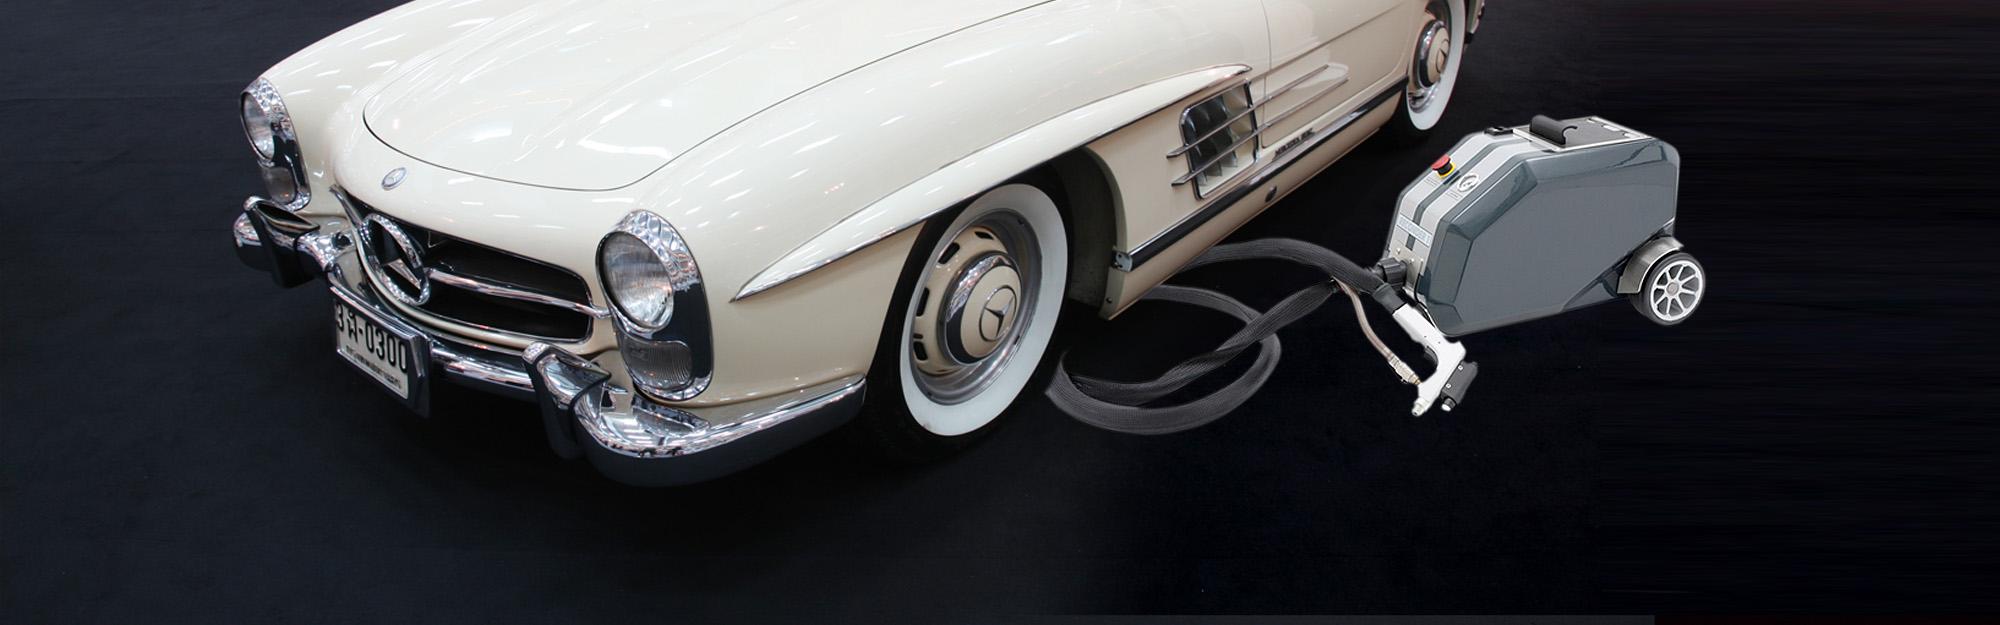 autohaus vogt gmbh ihr partner f r den fairen autokauf im kreis heinsberg neuwagen. Black Bedroom Furniture Sets. Home Design Ideas